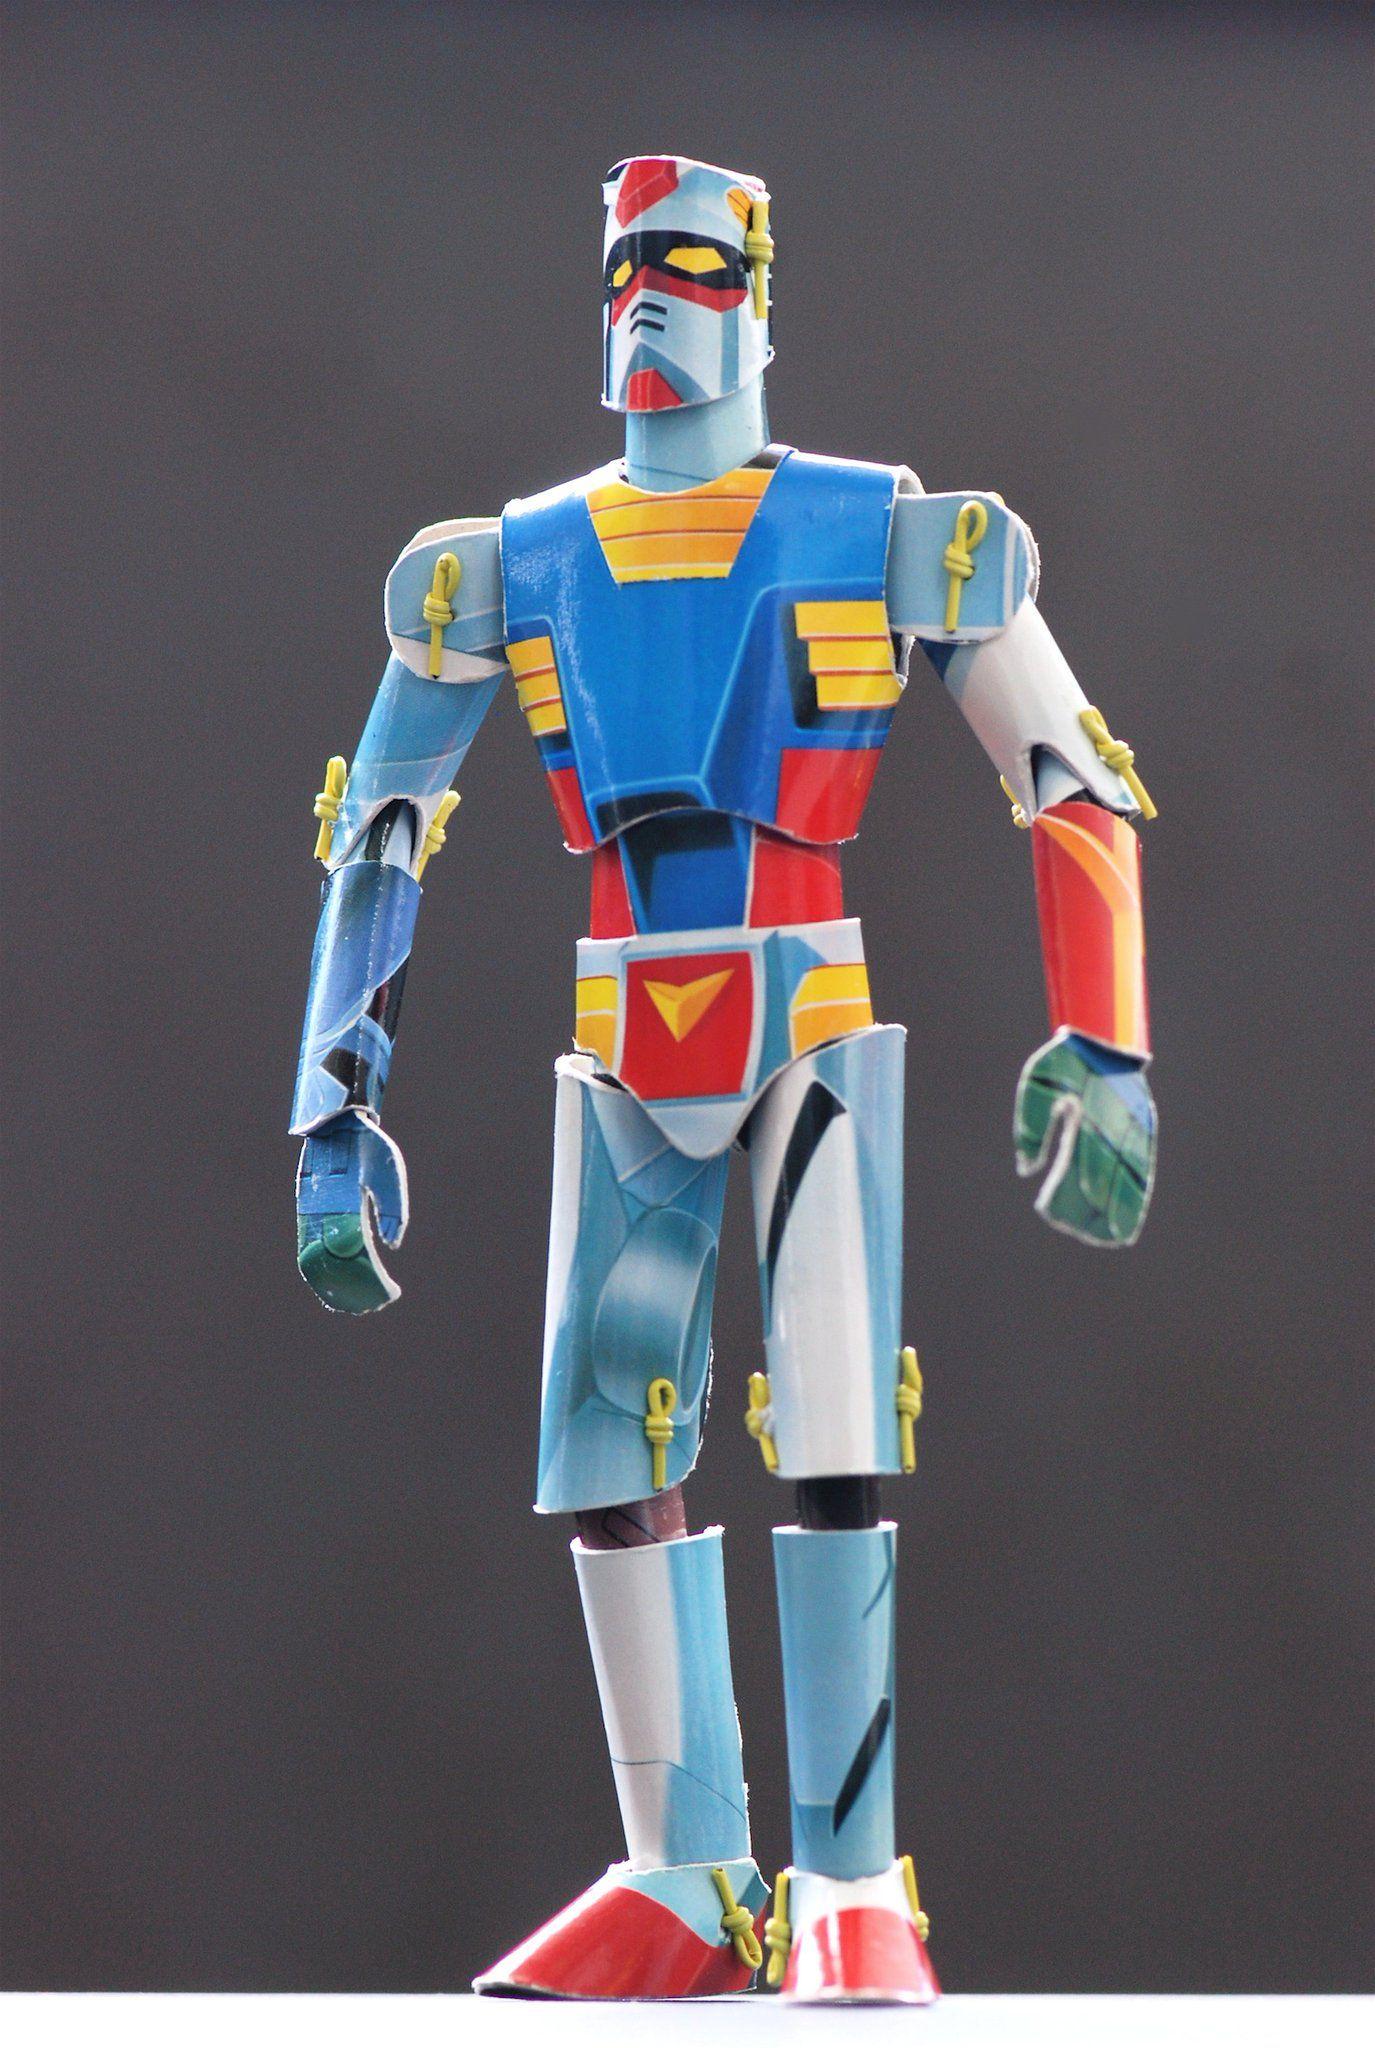 海外ではngになったガンプラのパッケージwwww ガンプラ 安居 アニメ ロボット